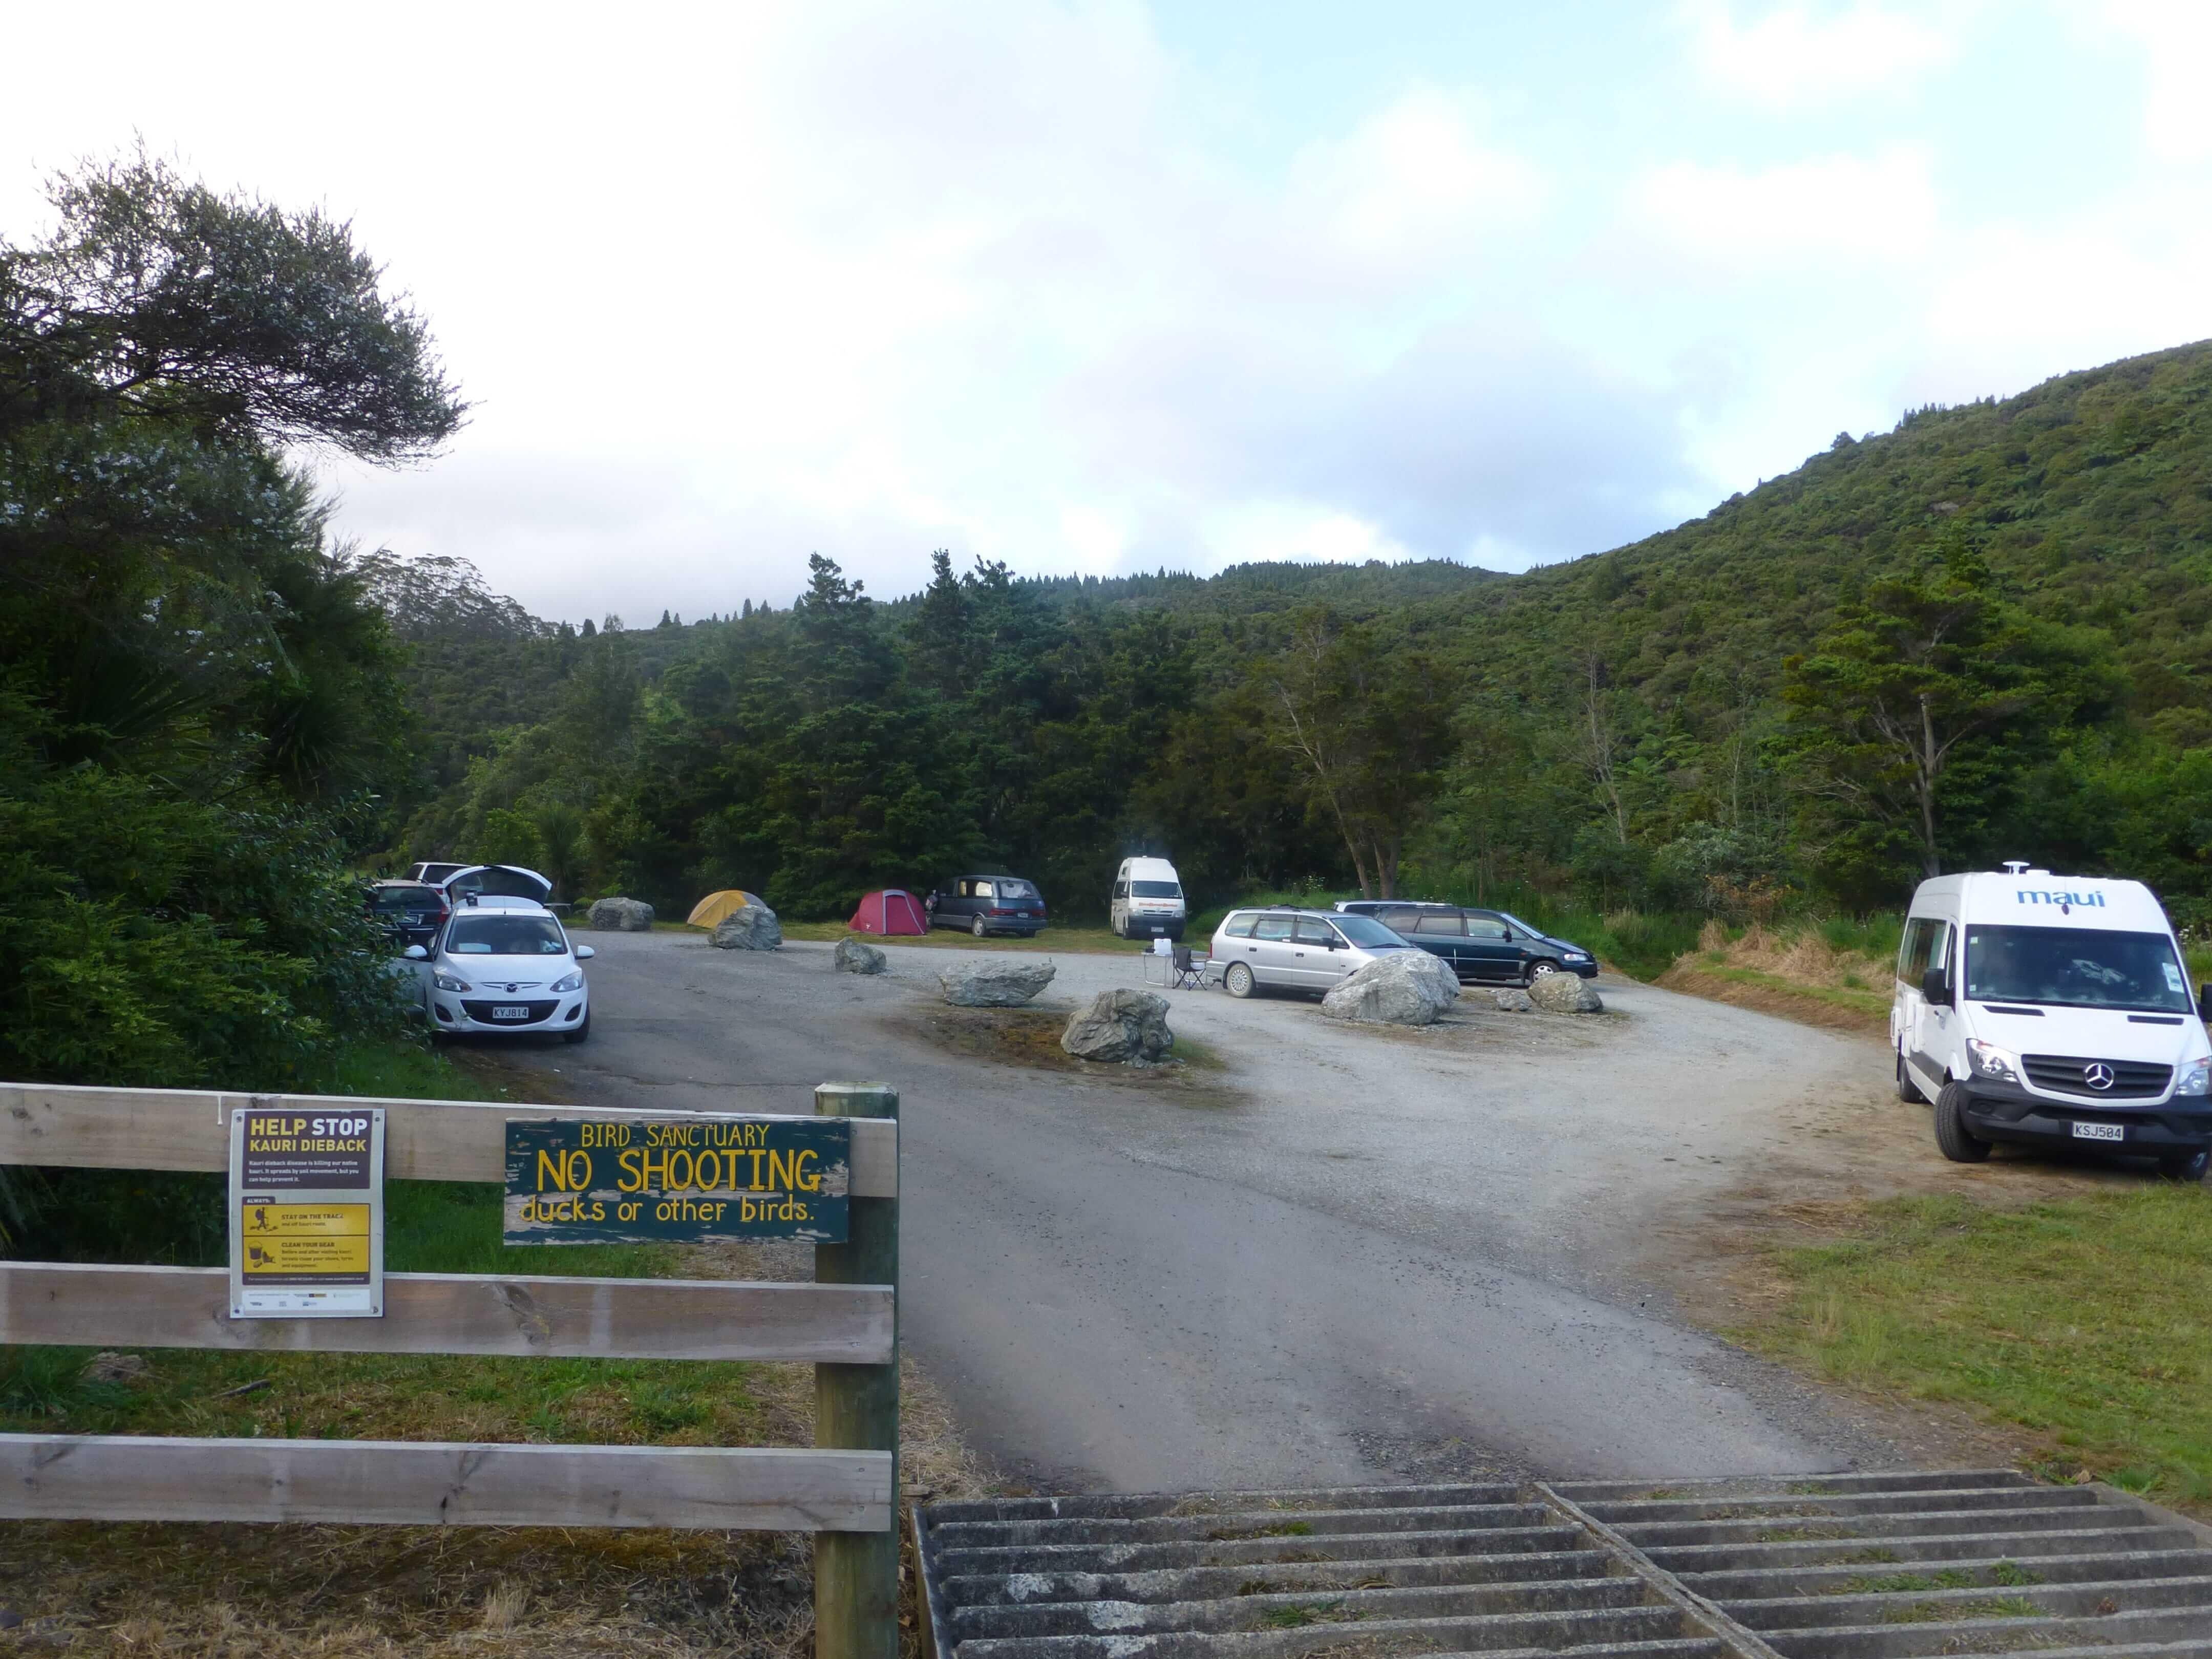 Weit weg reisen, Campingplatz Raetea North Side 8